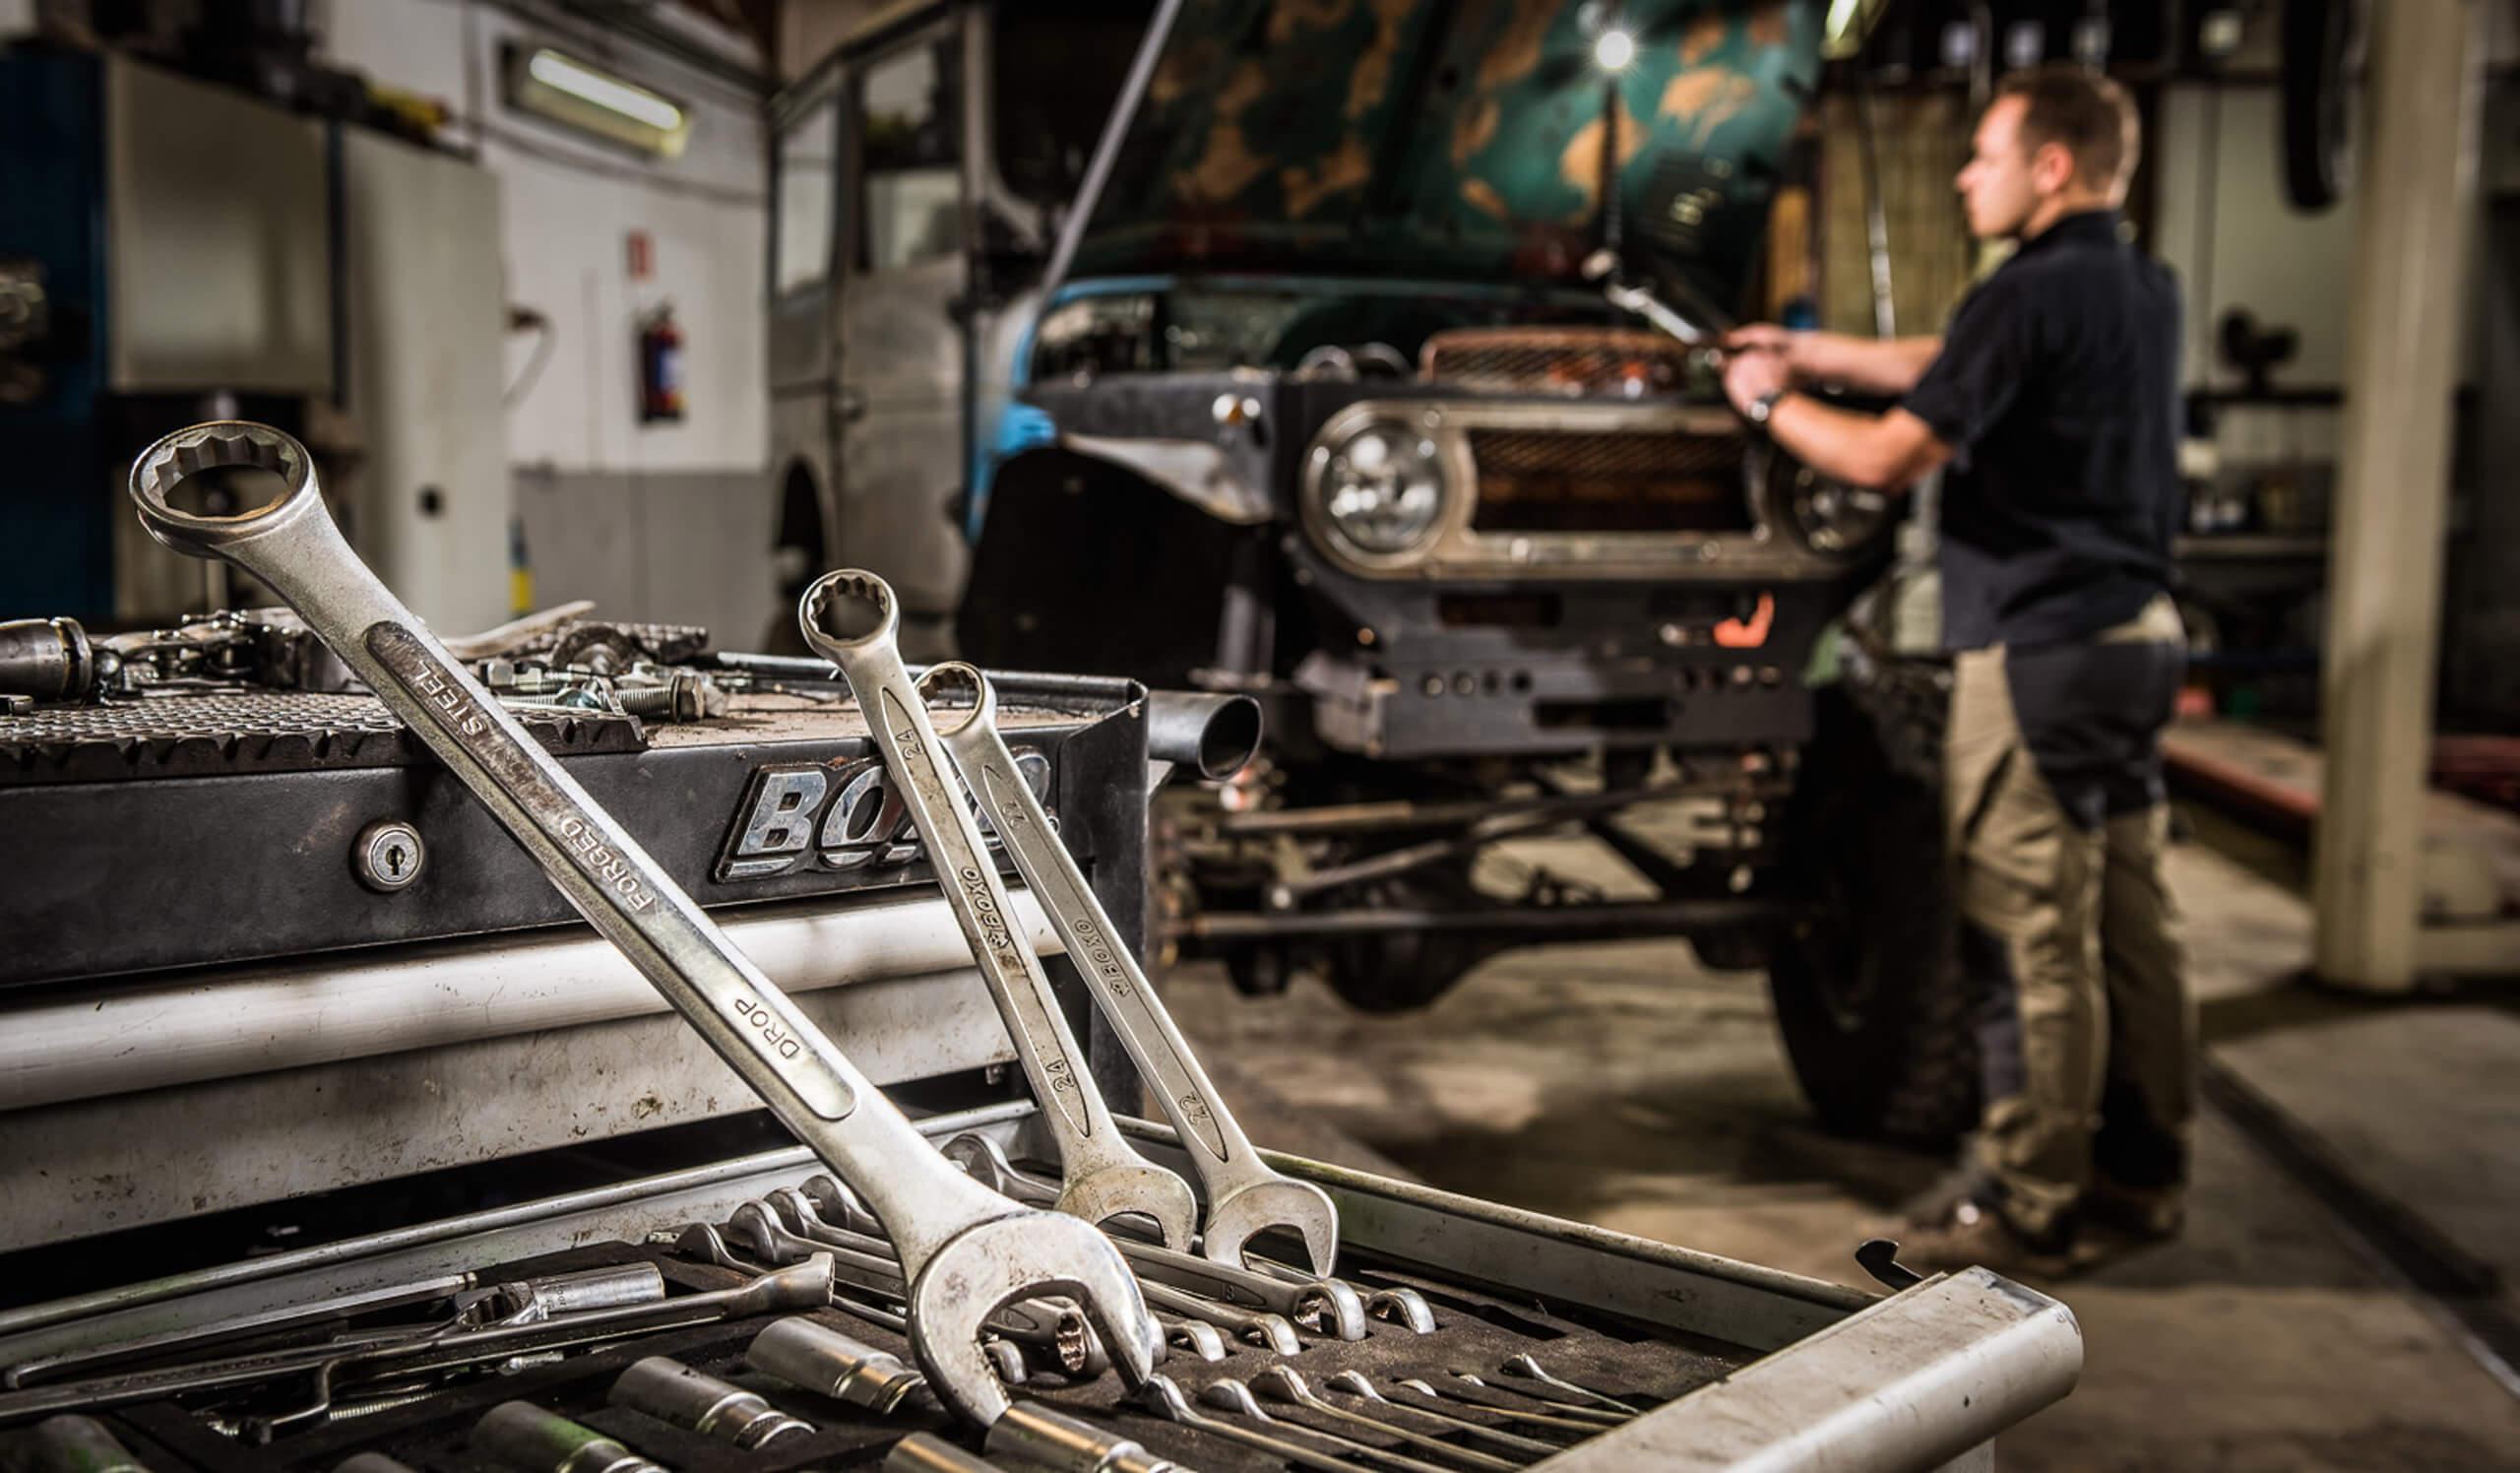 automobile repair and mechanics Find mishawaka,in auto repair shops for your repair needs review mishawaka repair shops that specialize in auto repair.